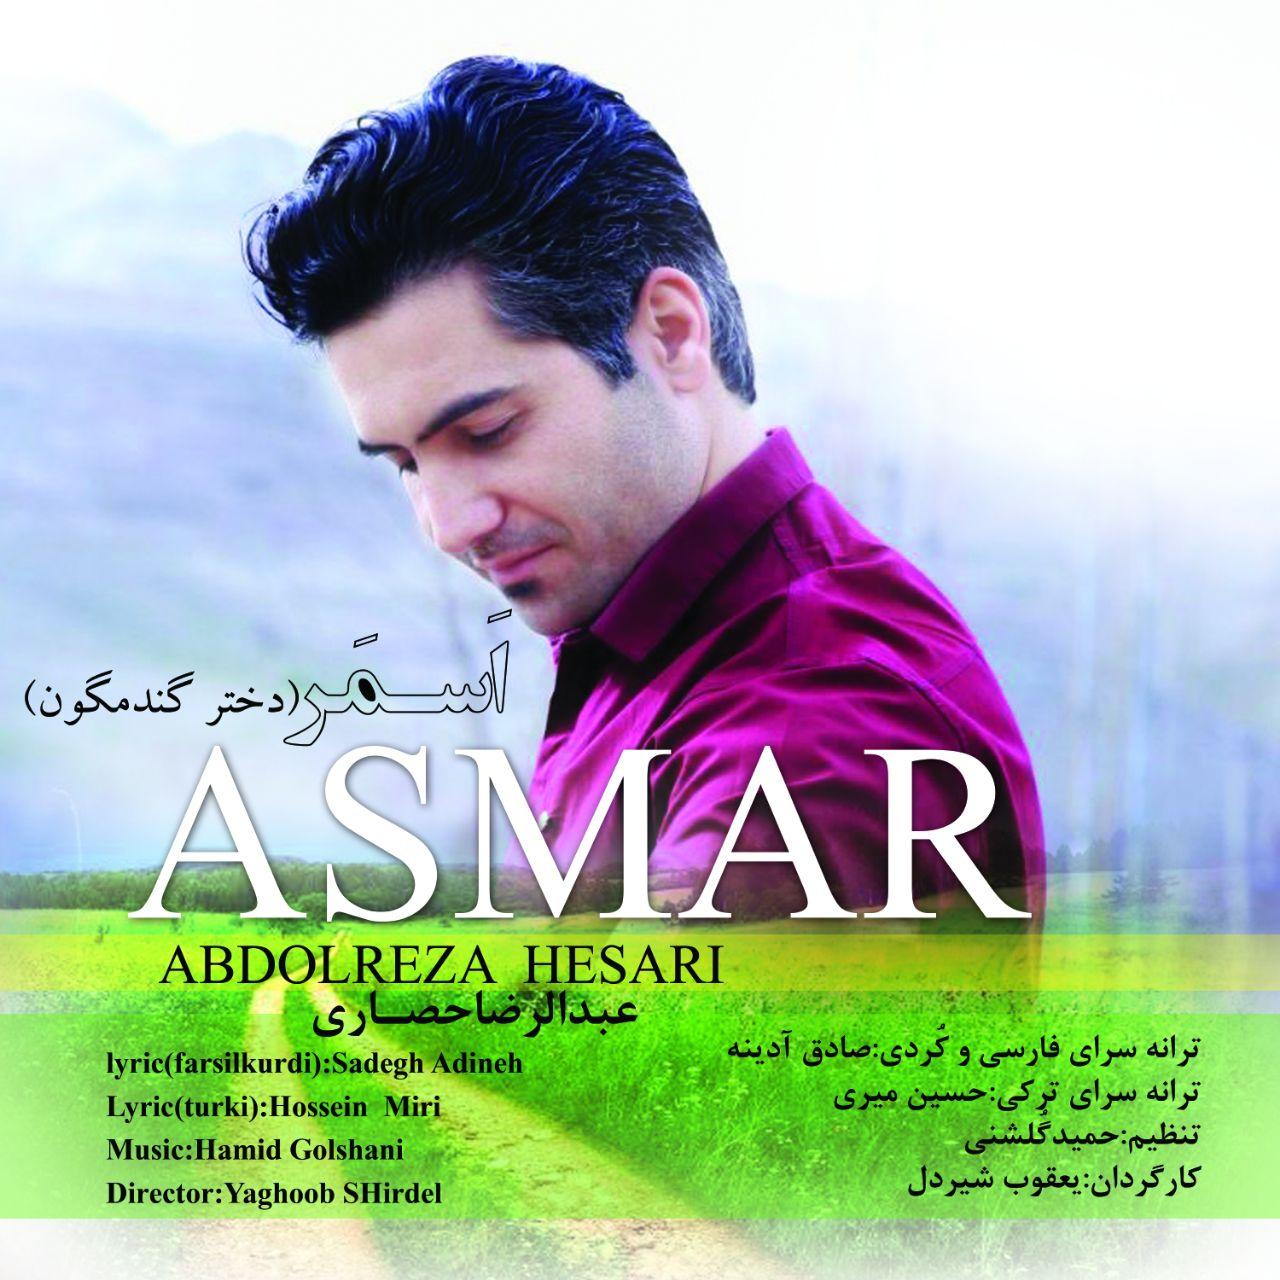 دانلود آهنگ جدید کرمانجی عبدالرضا حصاری به نام اسمر